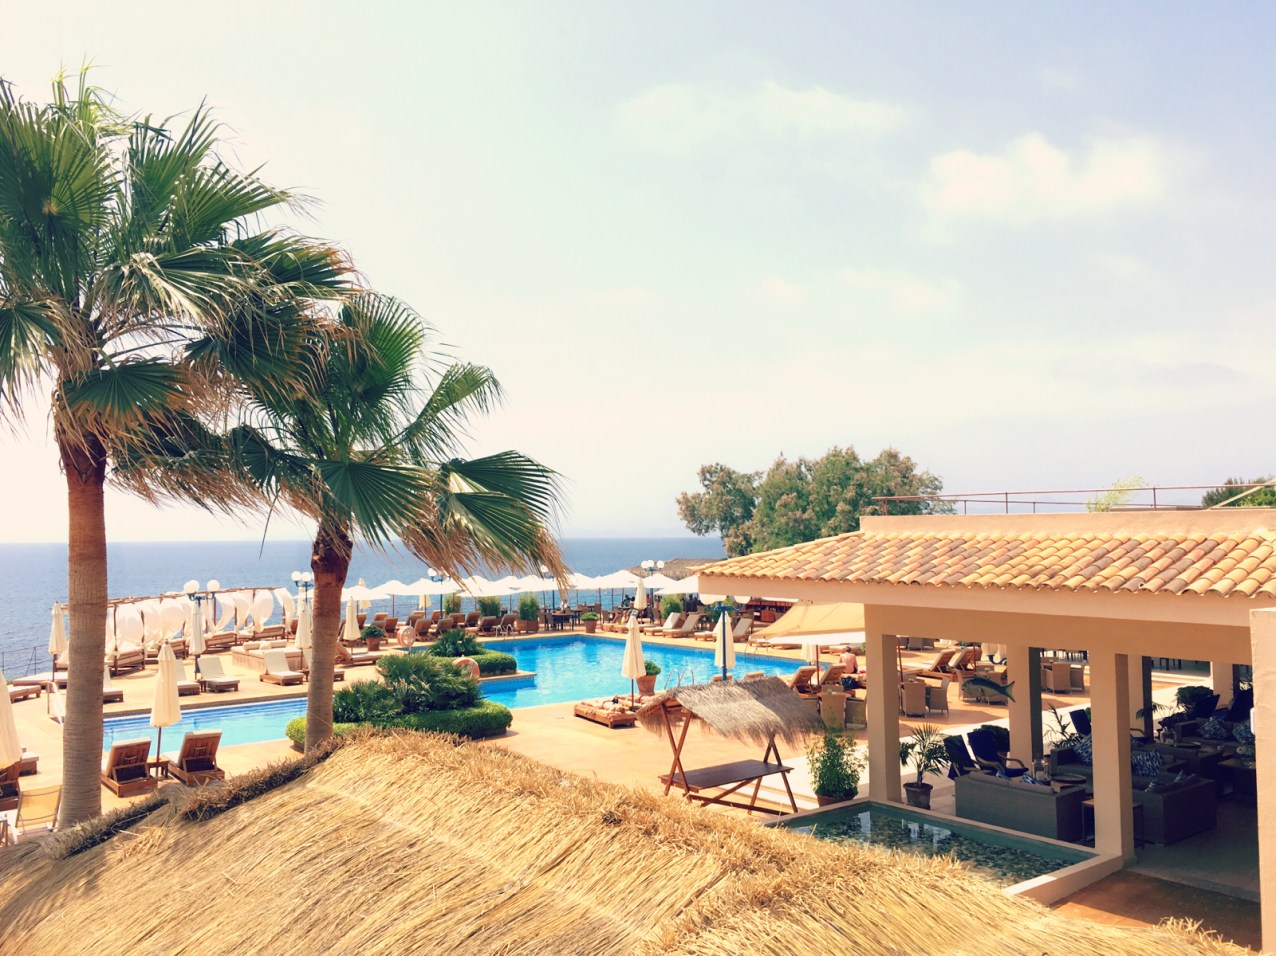 Der Mhares Sea Club liegt wie ein kleines Paradies umgeben von Felsen direkt Meer. ©katrin-lars.net